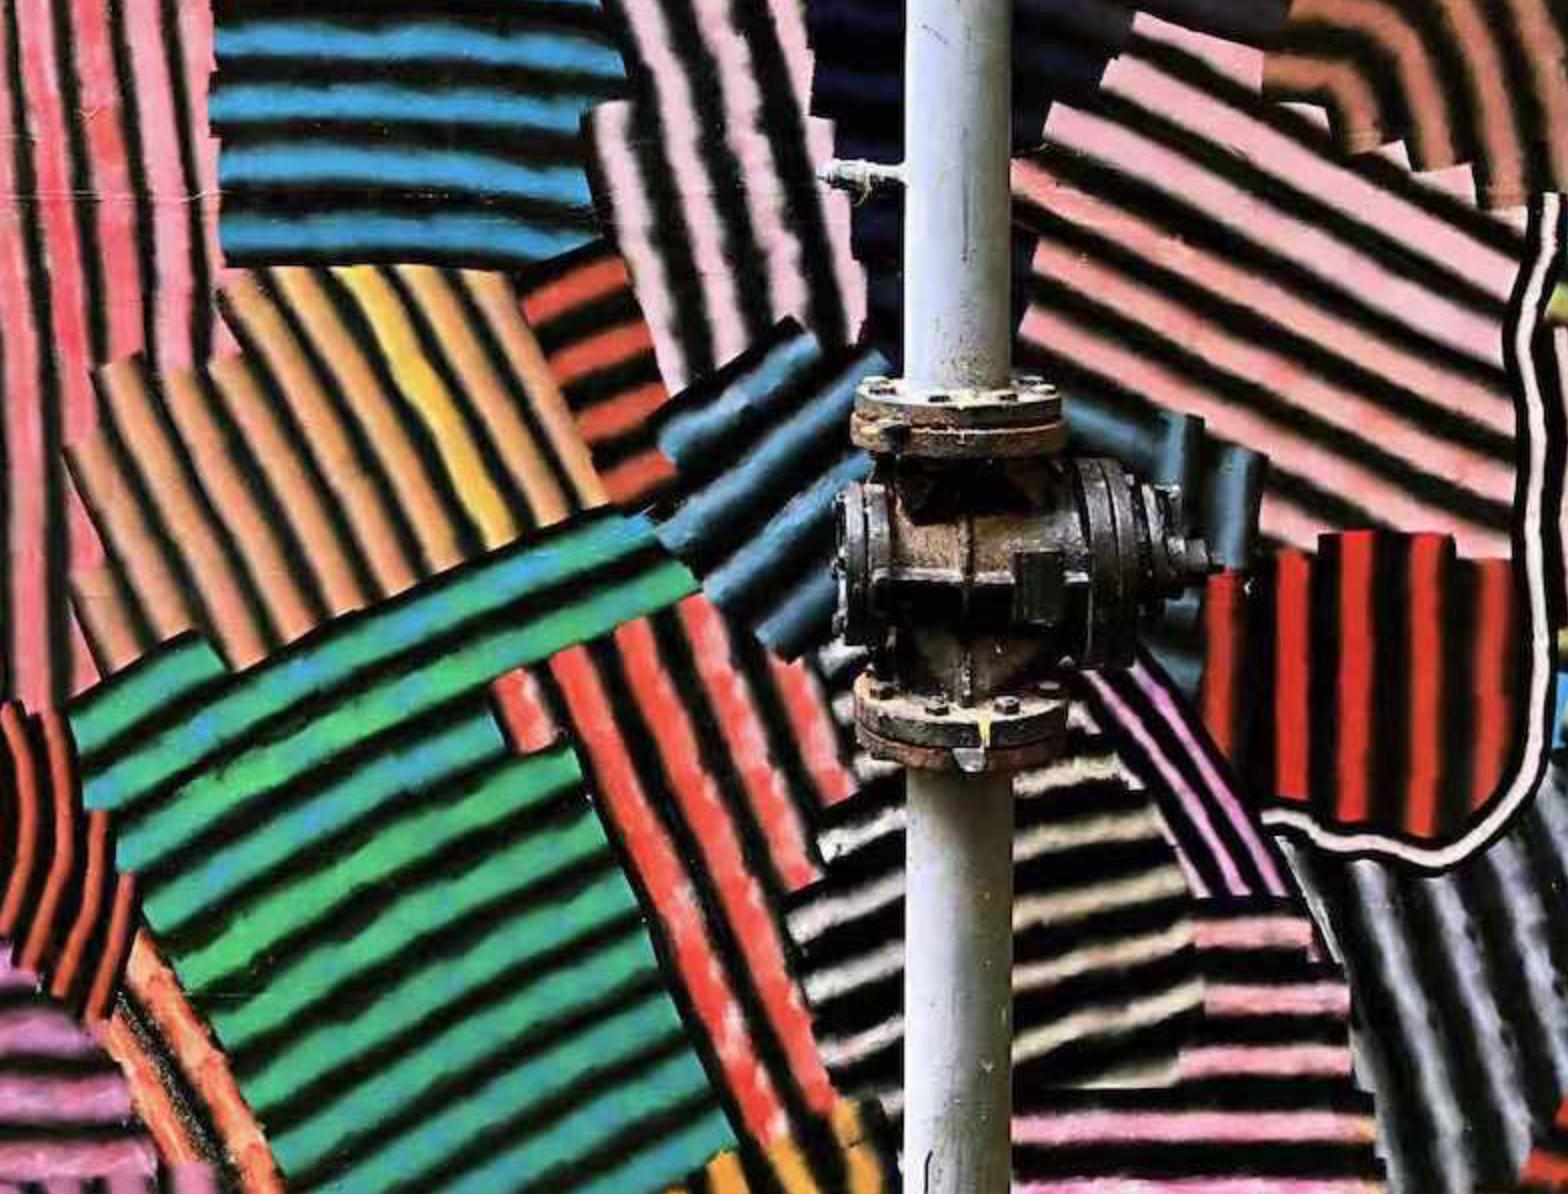 李慕华 丙烯 墙绘作品,尺寸可变(细节) 2019